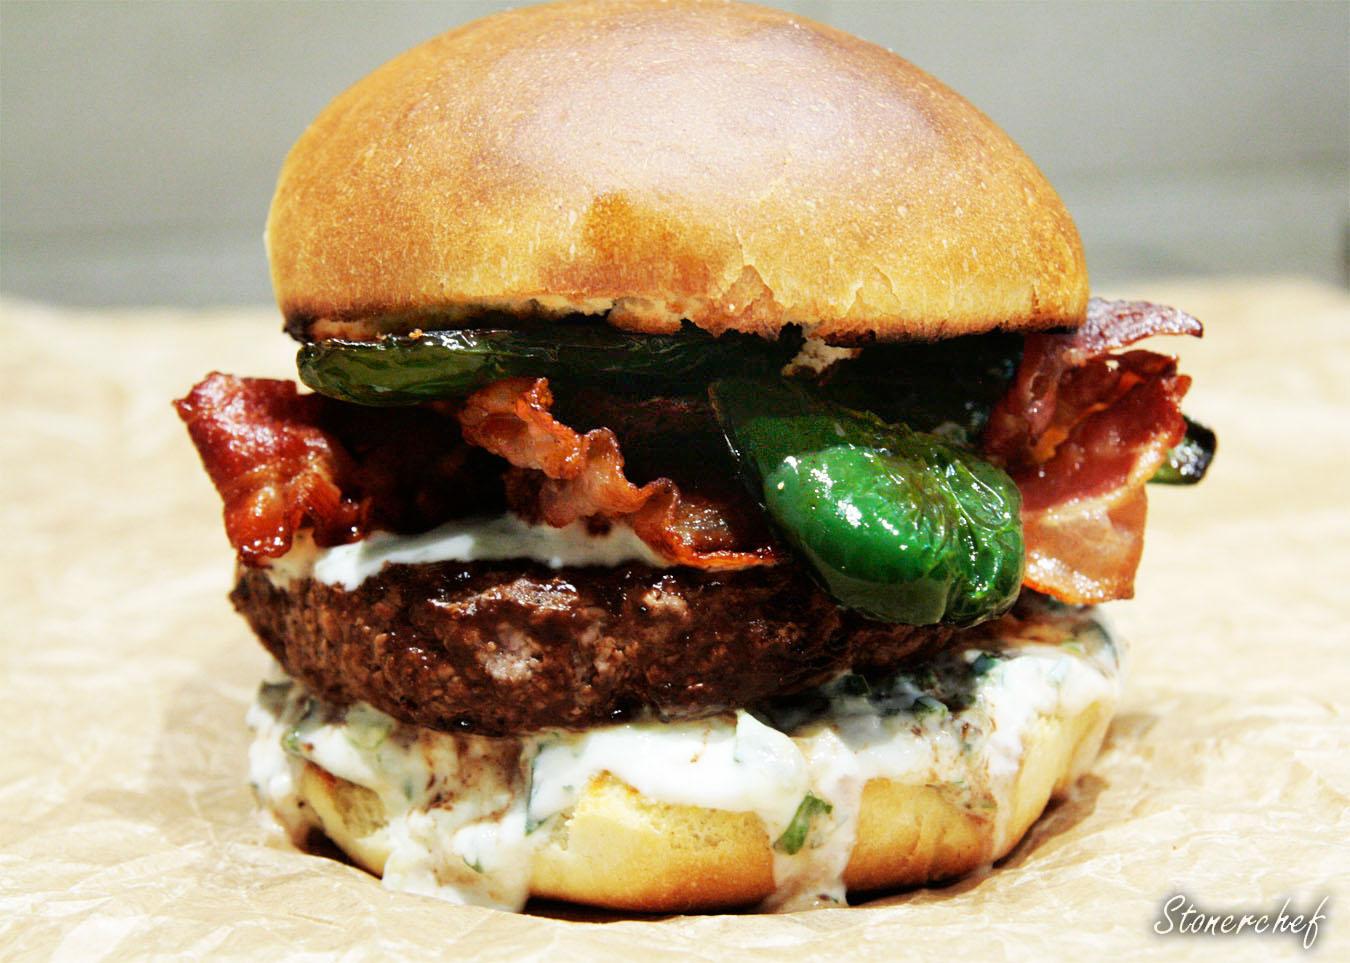 http://www.stonerchef.pl/wp-content/uploads/2017/03/zblizenie-na-burgera-w-czekoladzie-i-whisky.jpg